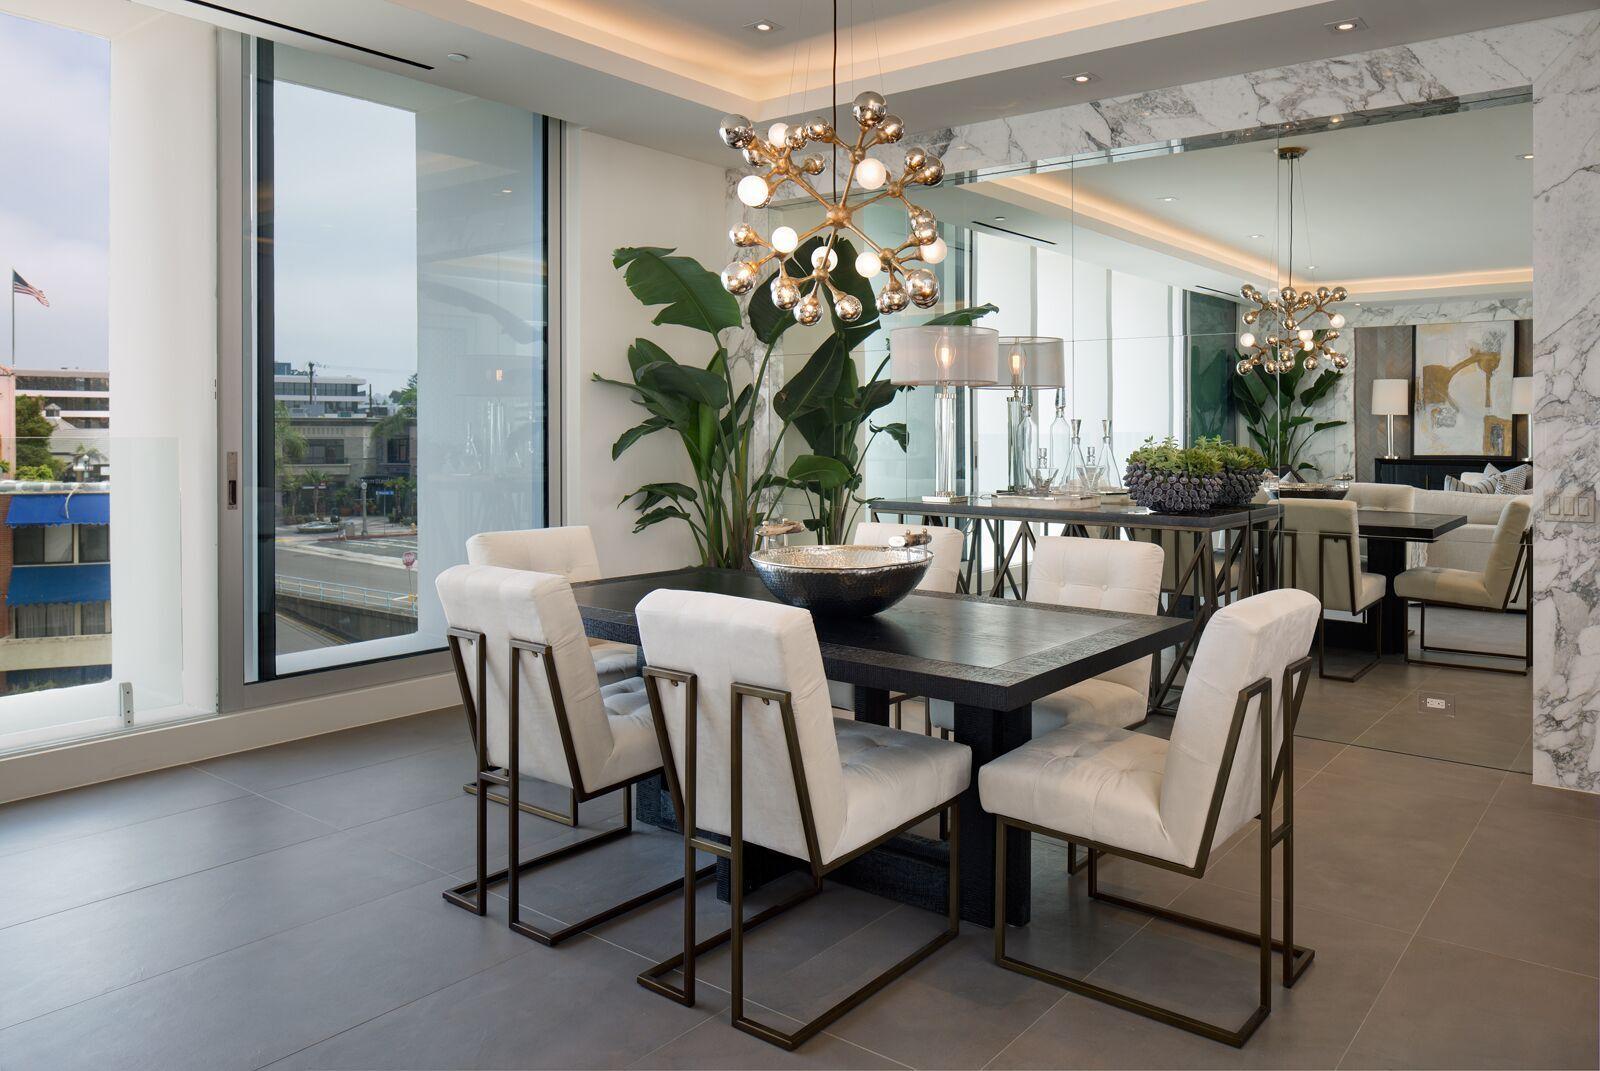 Muse La Jolla Unit 303 Interior Design By Design Line Interiors